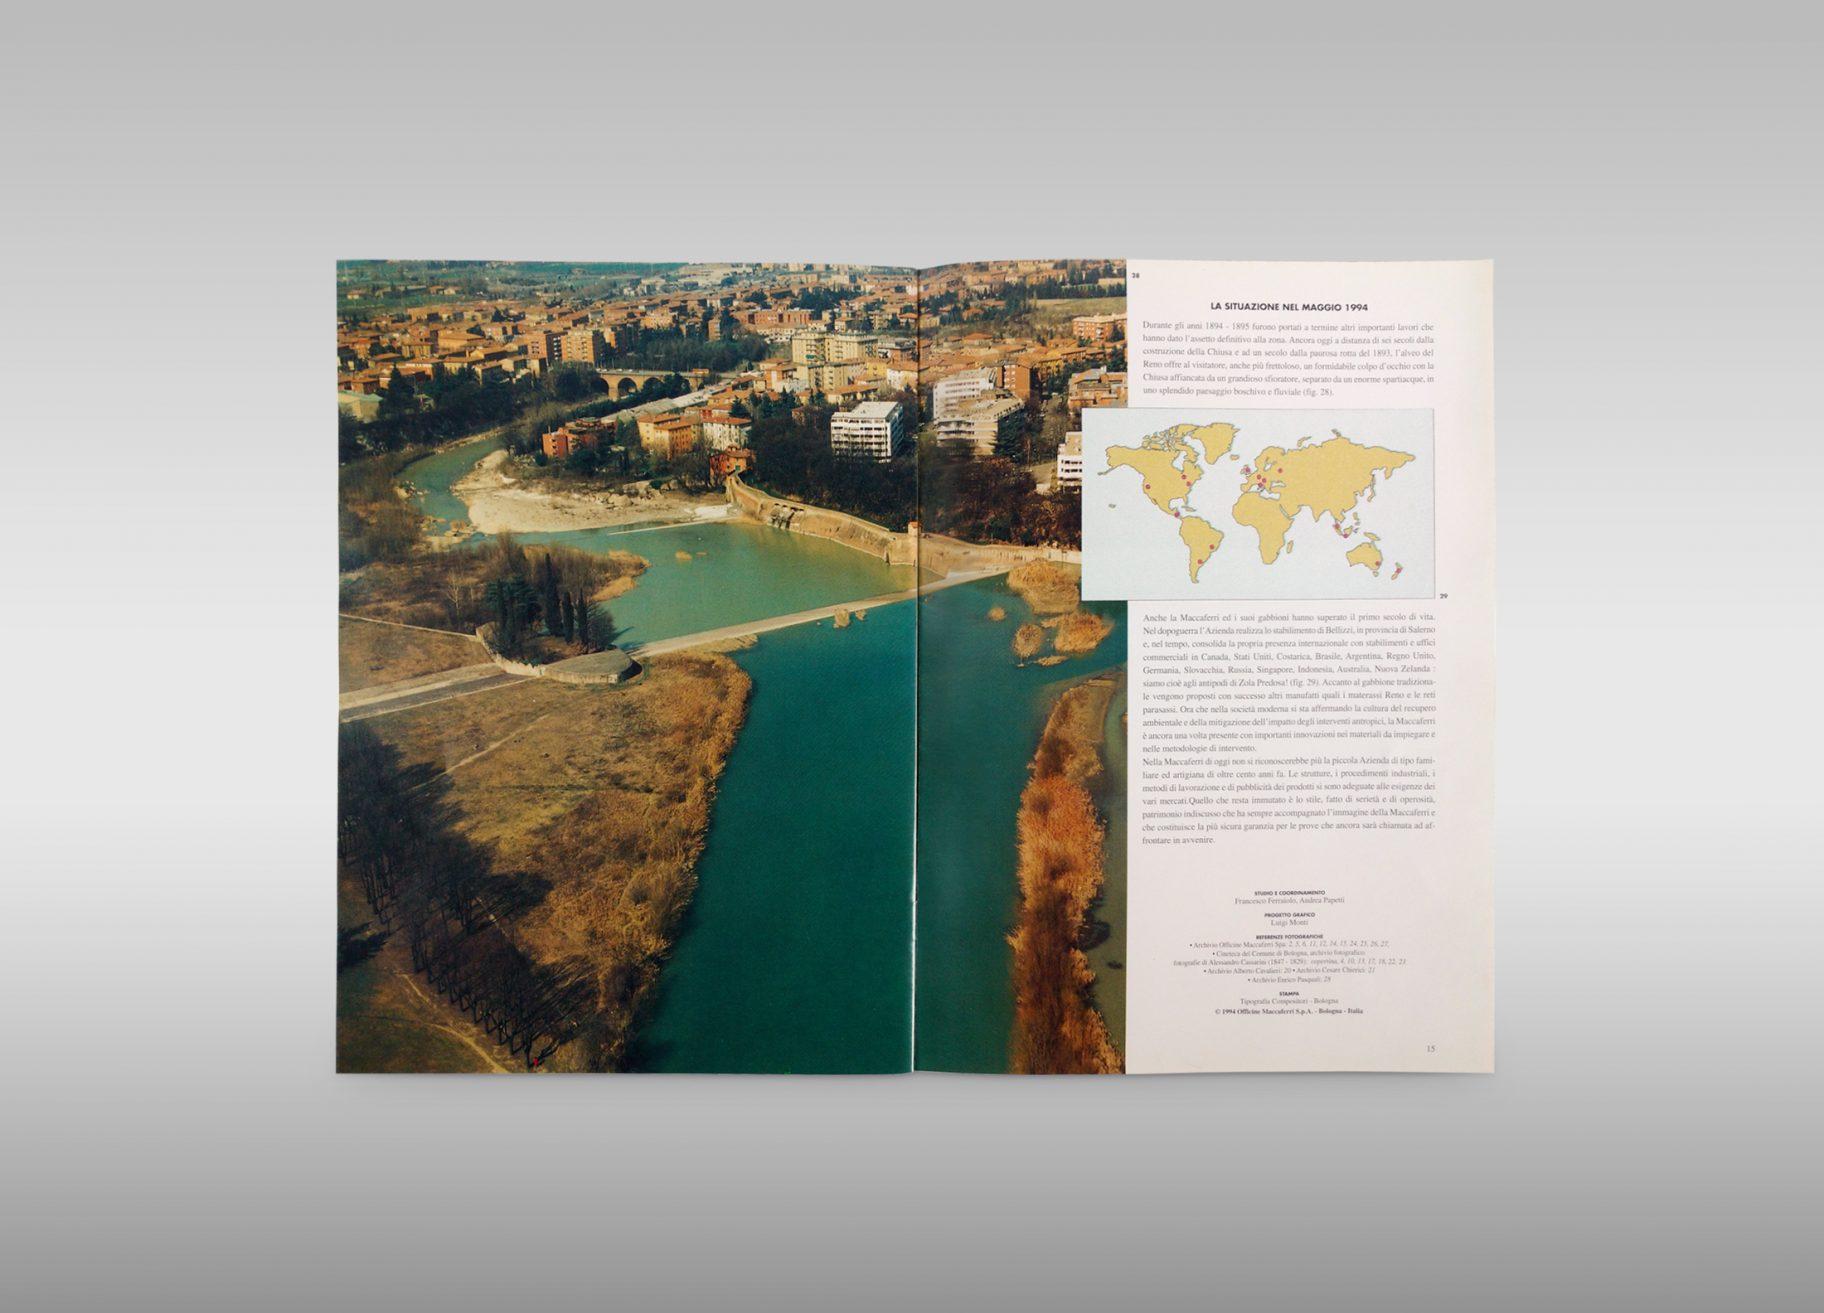 maccaferri-la-chiusa-di-casalecchio-brochure-04